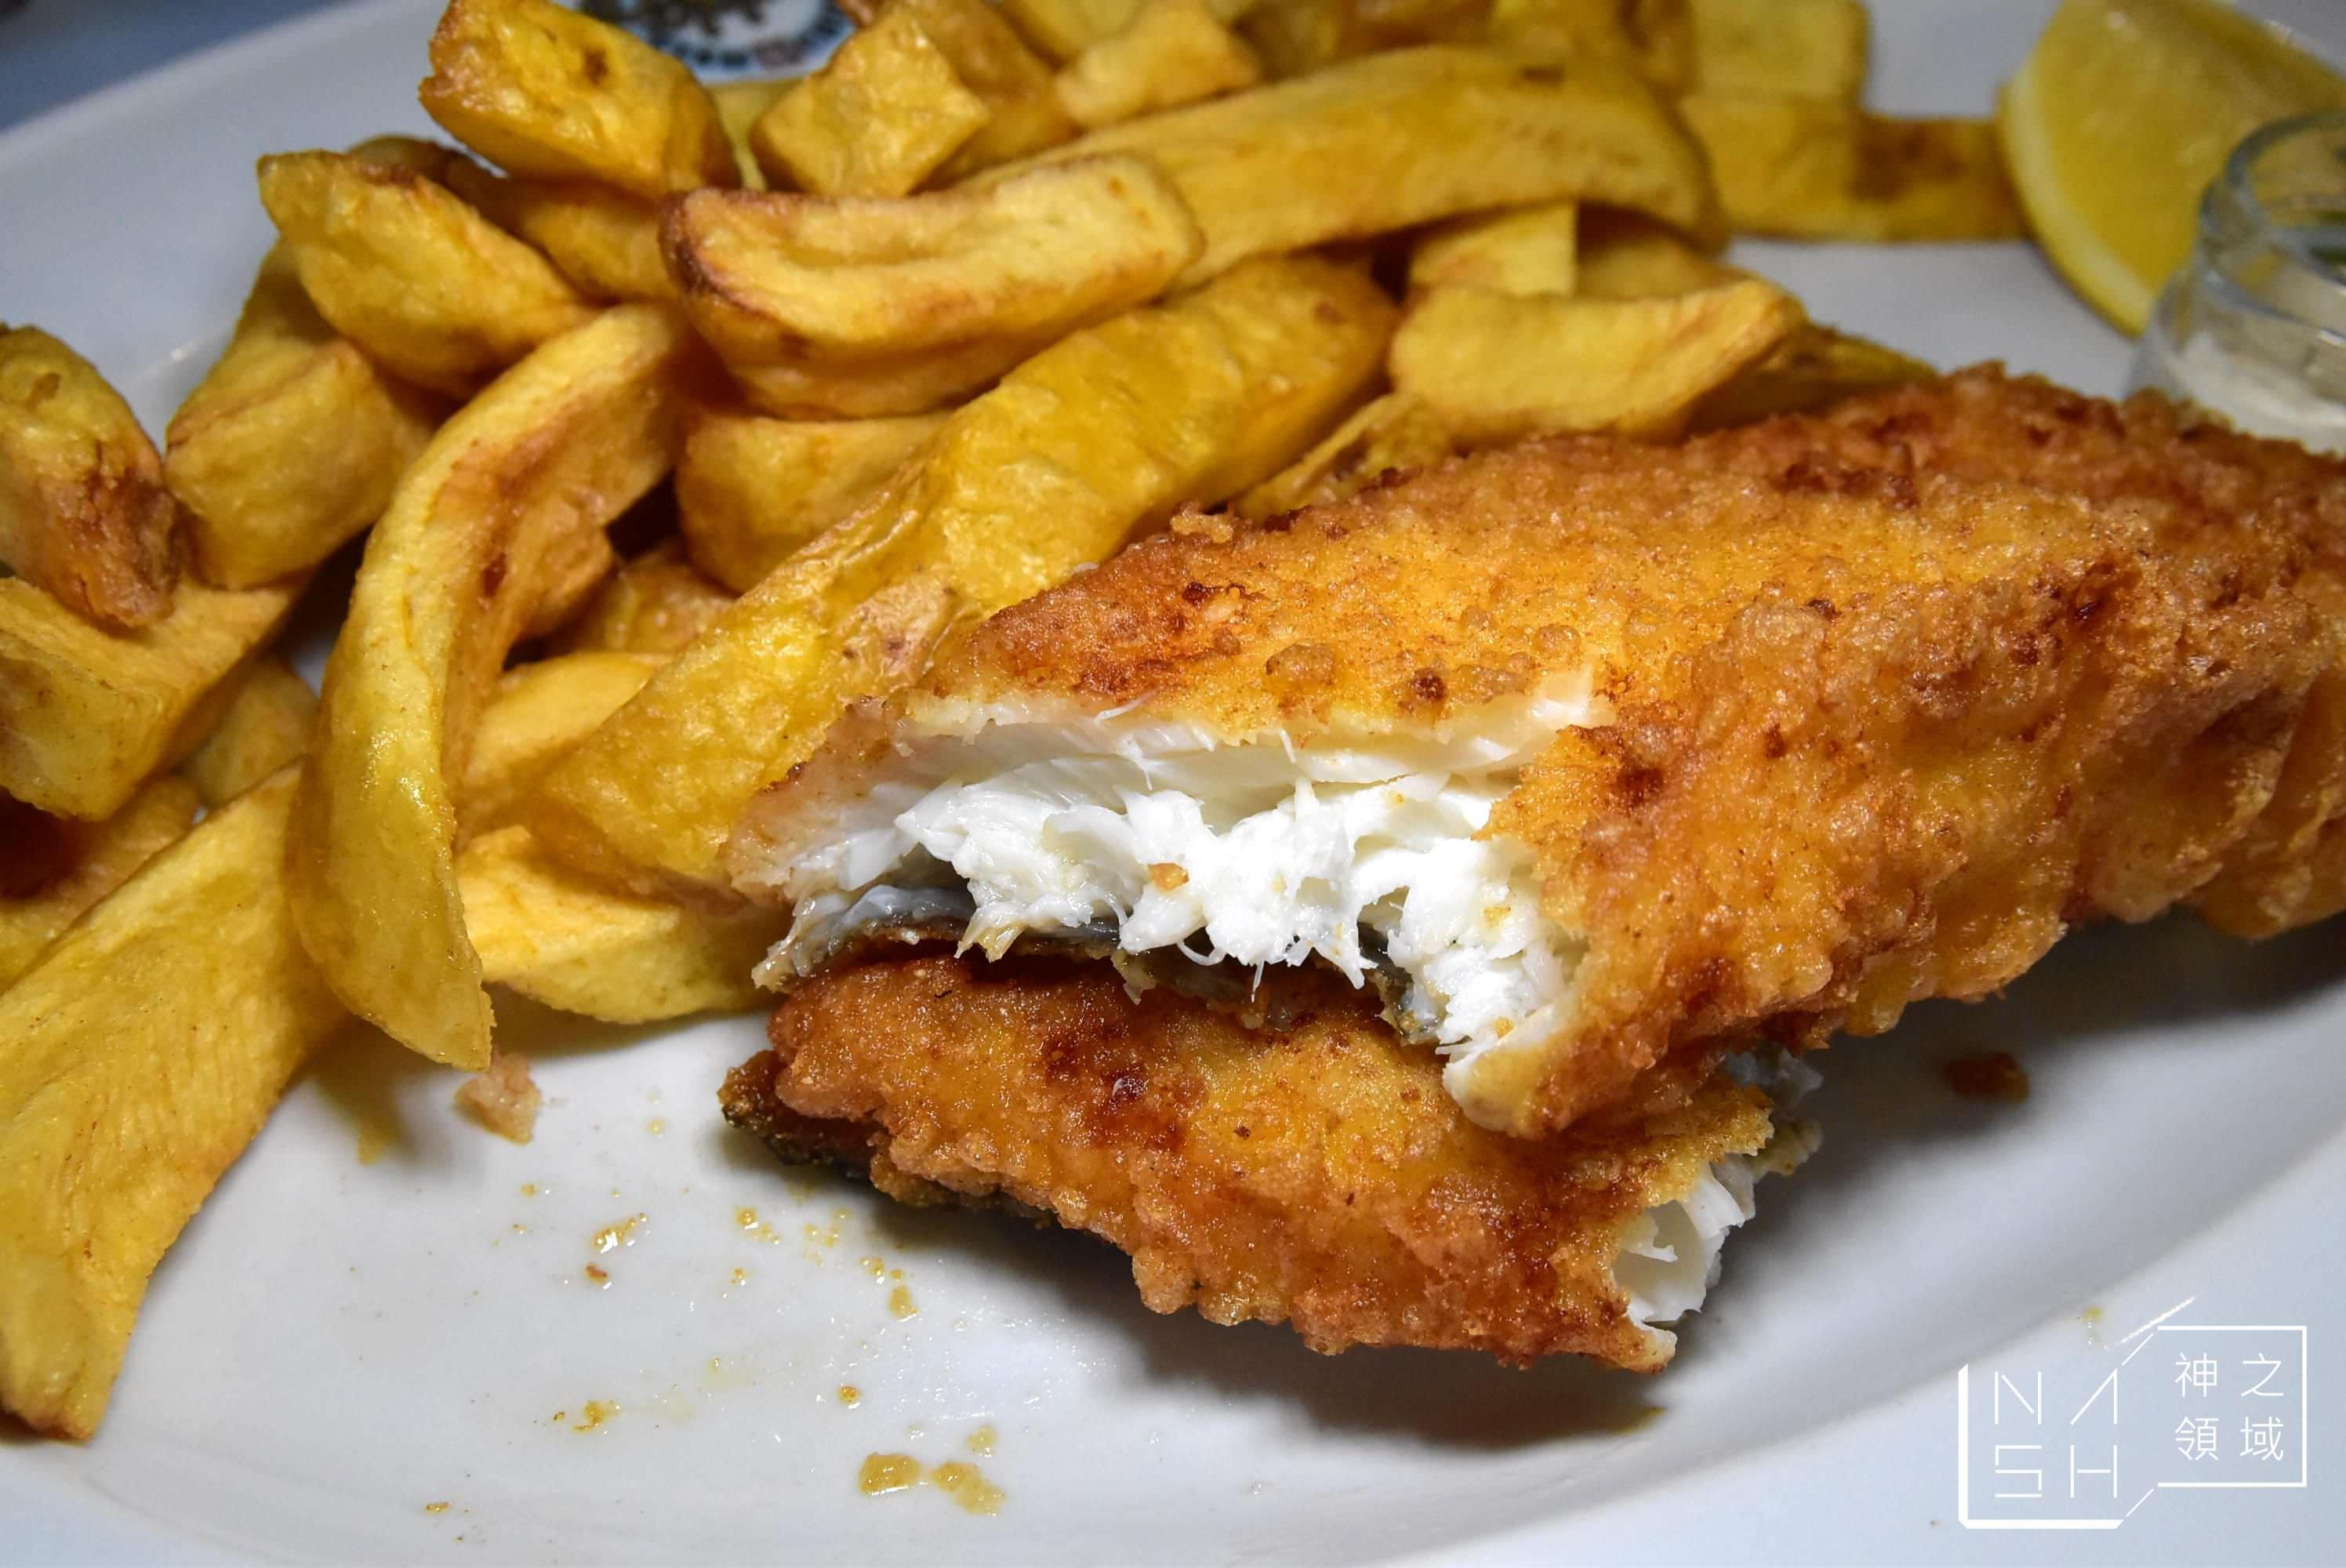 英國炸魚薯條推薦,英國美食推薦 @Nash,神之領域